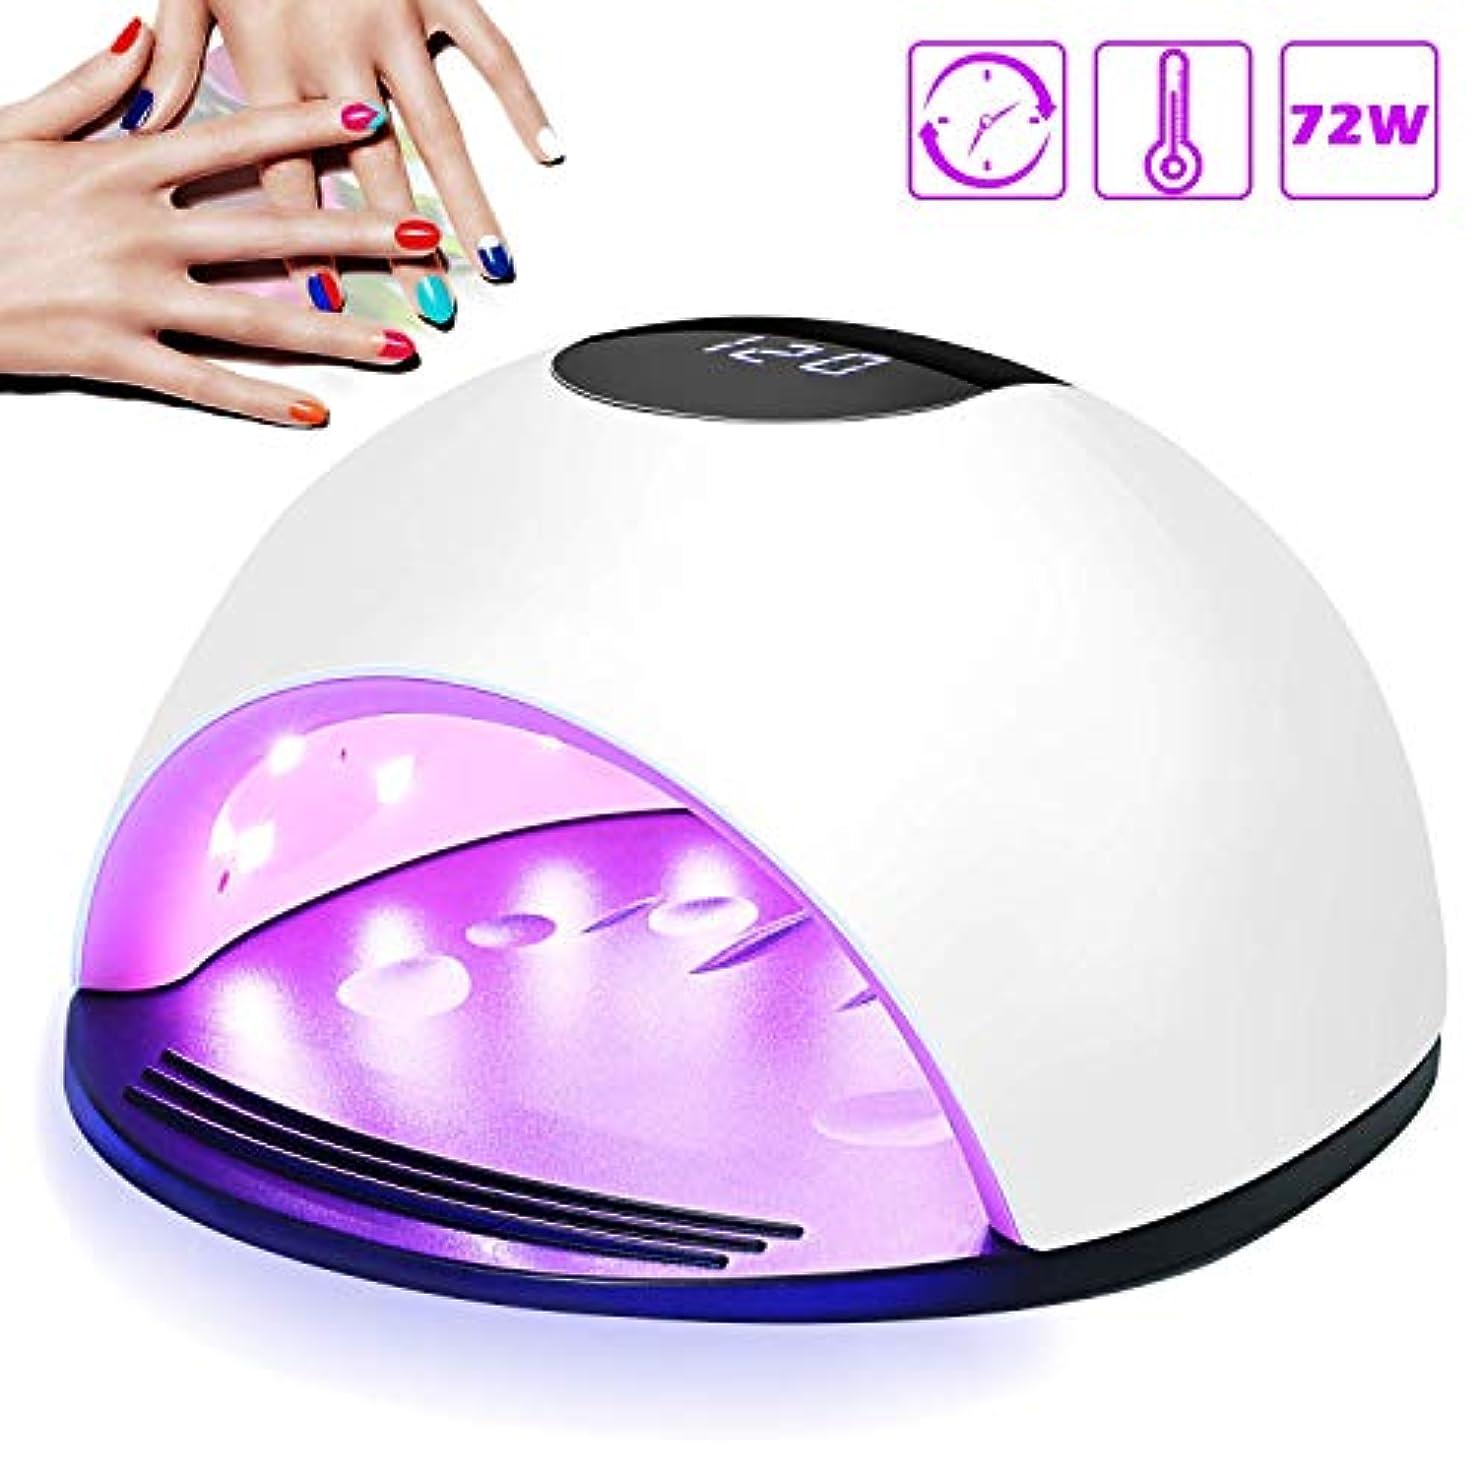 洗剤苦難心臓UV LEDネイルライト、自動センサー付きマニキュアおよびペディキュア用72Wプロフェッショナルネイルクリッパー、ジェルネイルポリッシュランプ用LCDディスプレイネイルライト